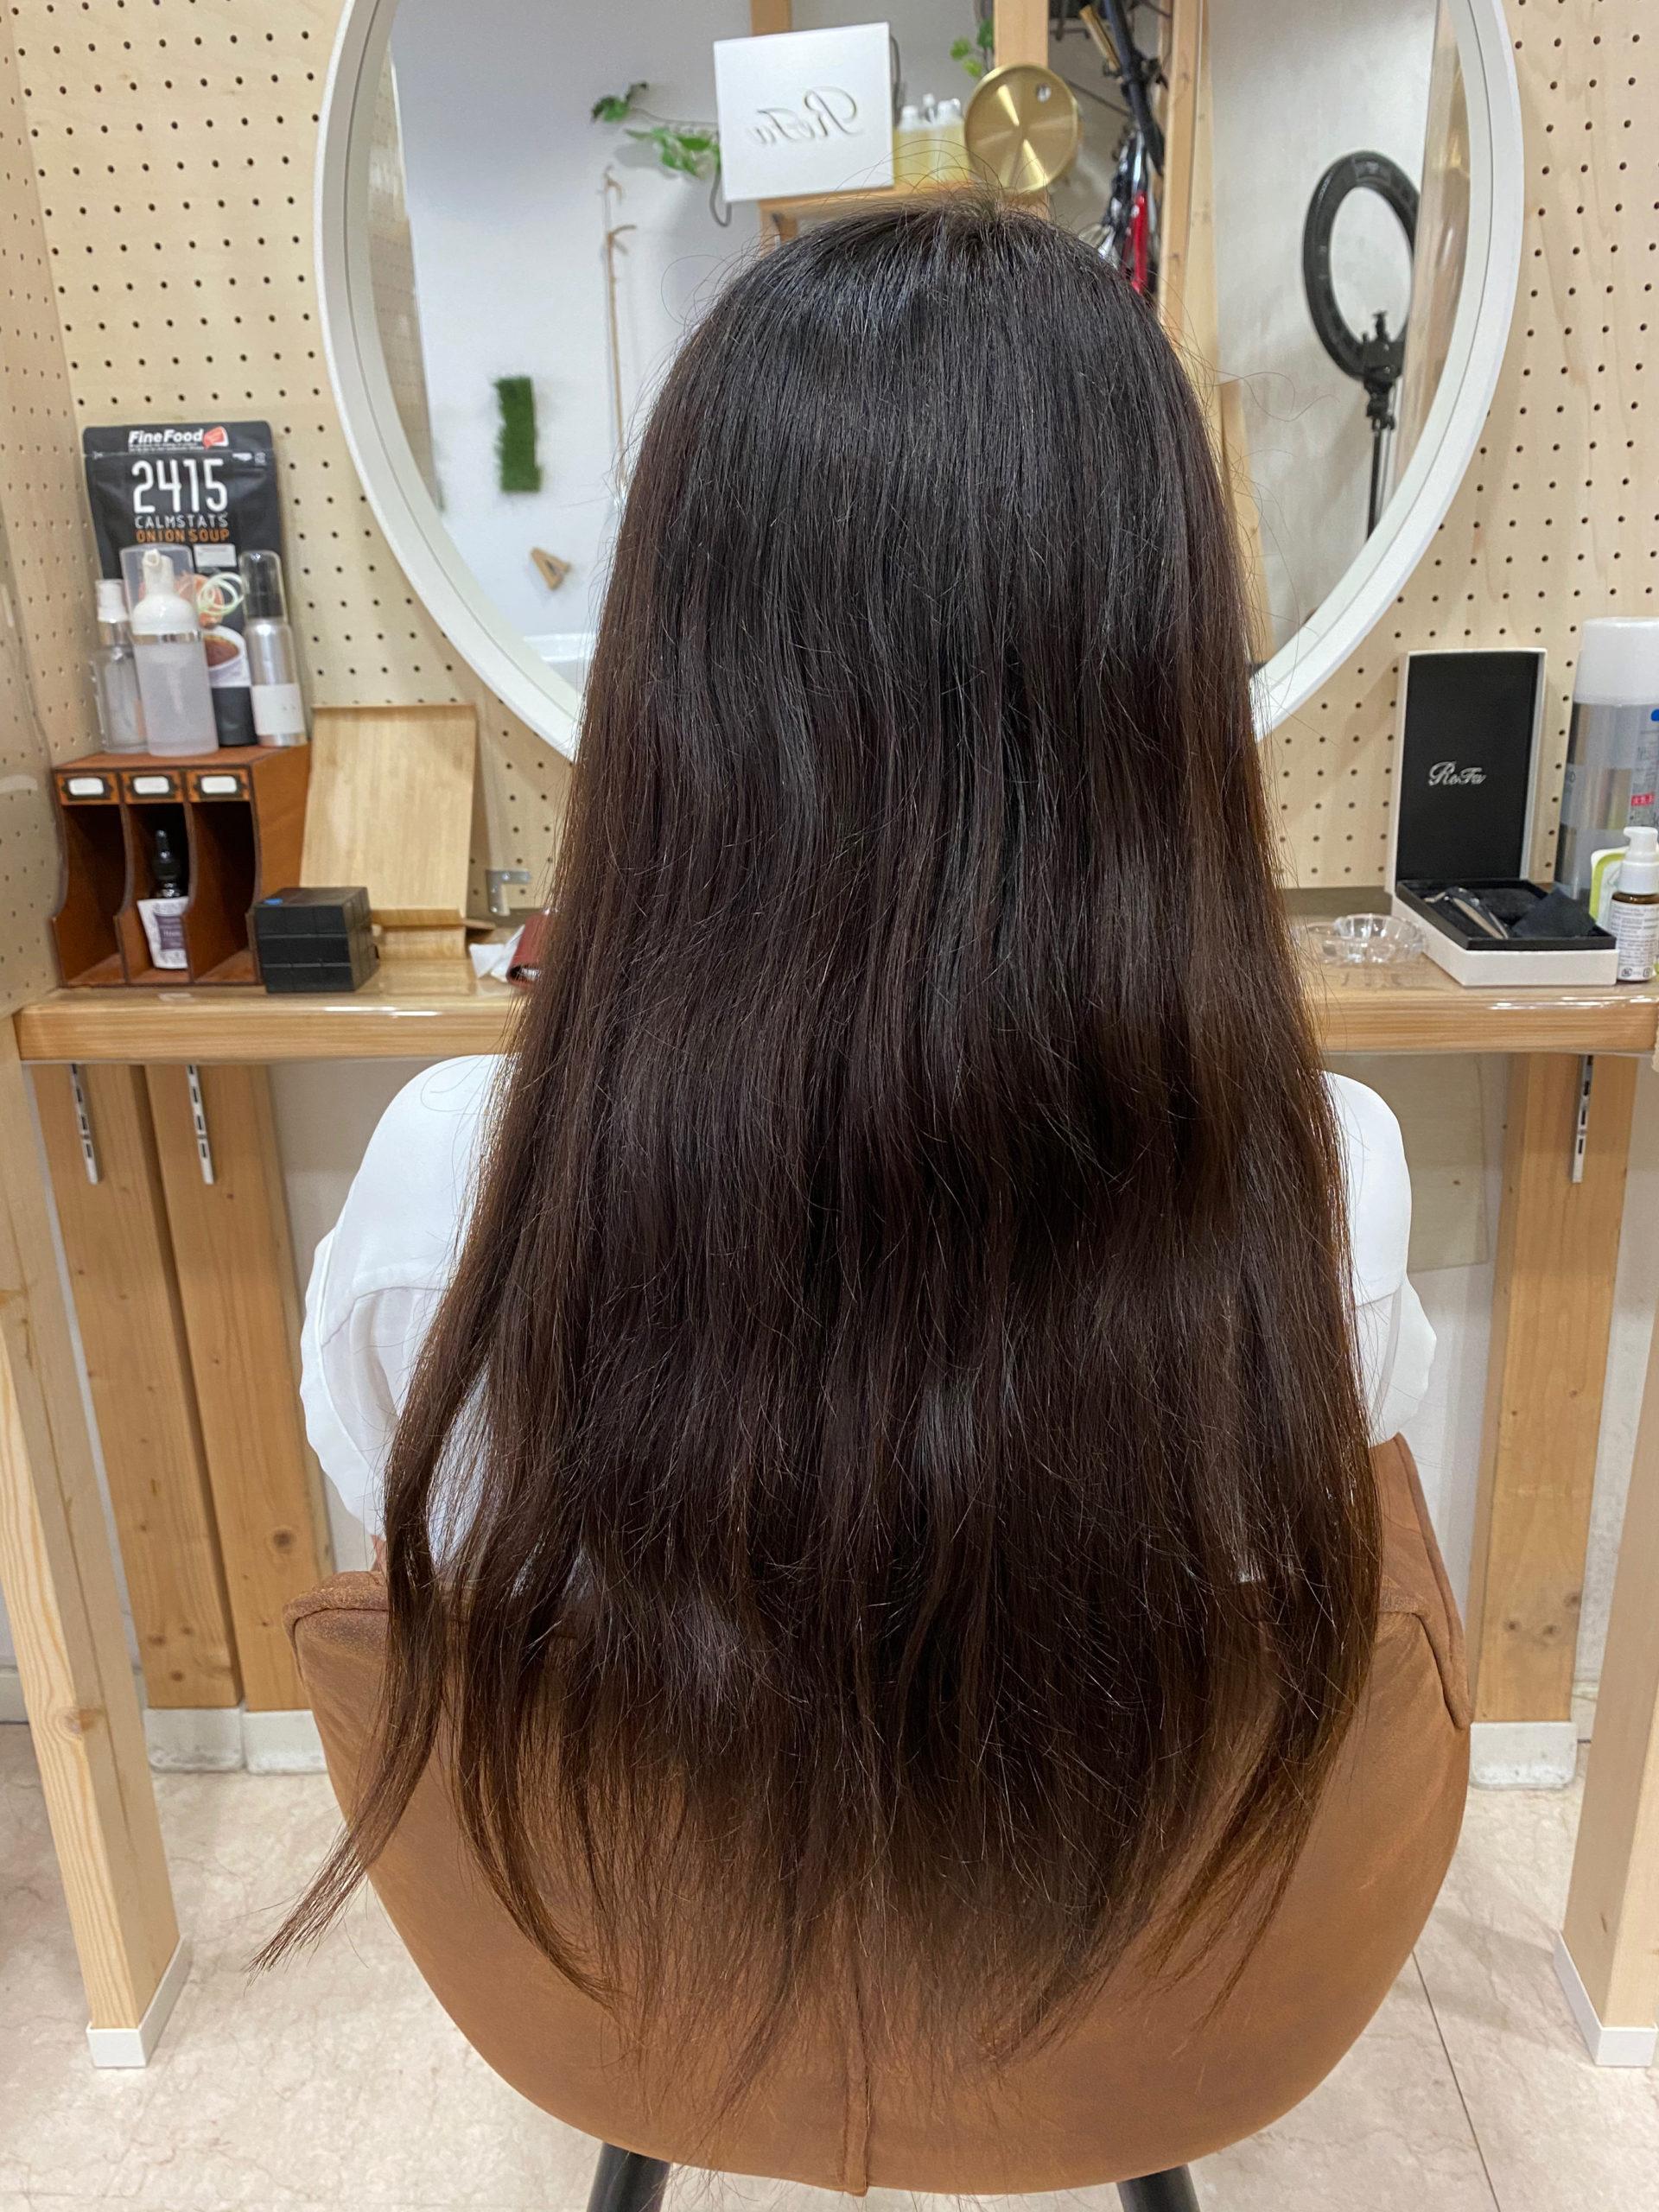 ブリーチ毛でパサつきと広がりが気になる髪をジュエリーシステムシリーズ×縮毛矯正で艶髪に変身。原宿・表参道『髪のお悩みを解決するヘアケア美容師の挑戦』